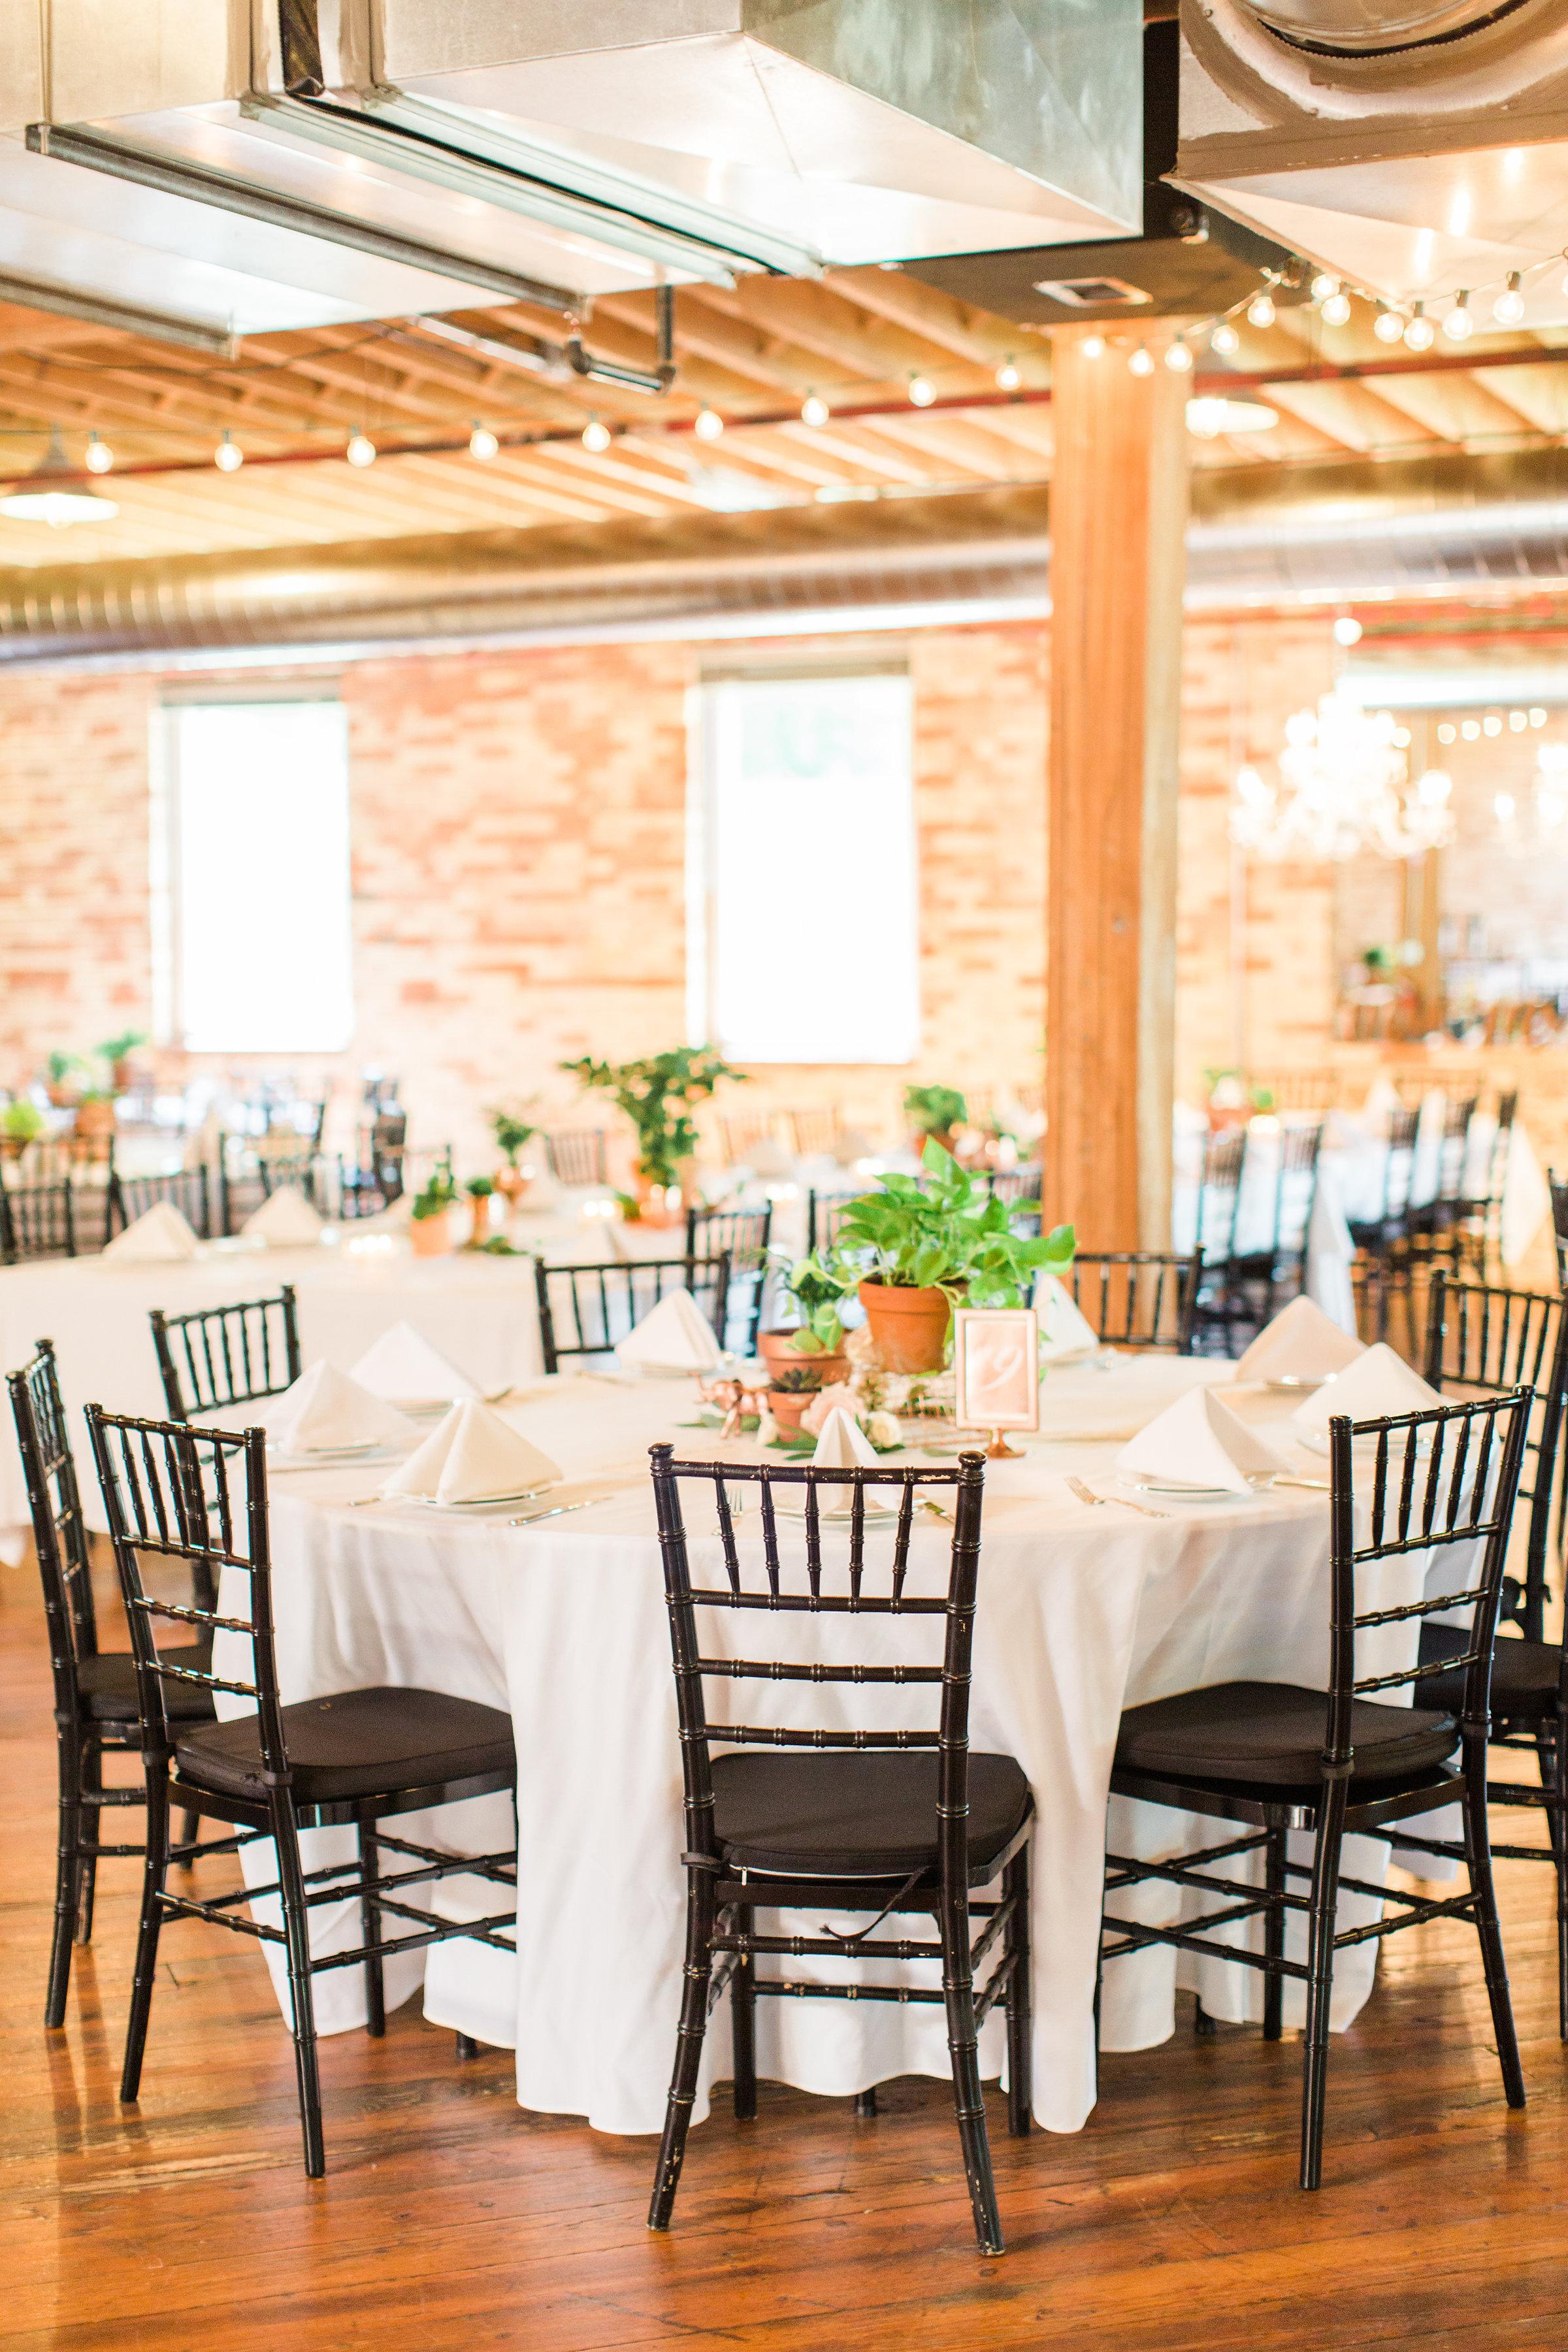 Julius+Wedding+Reception+Details-49.jpg